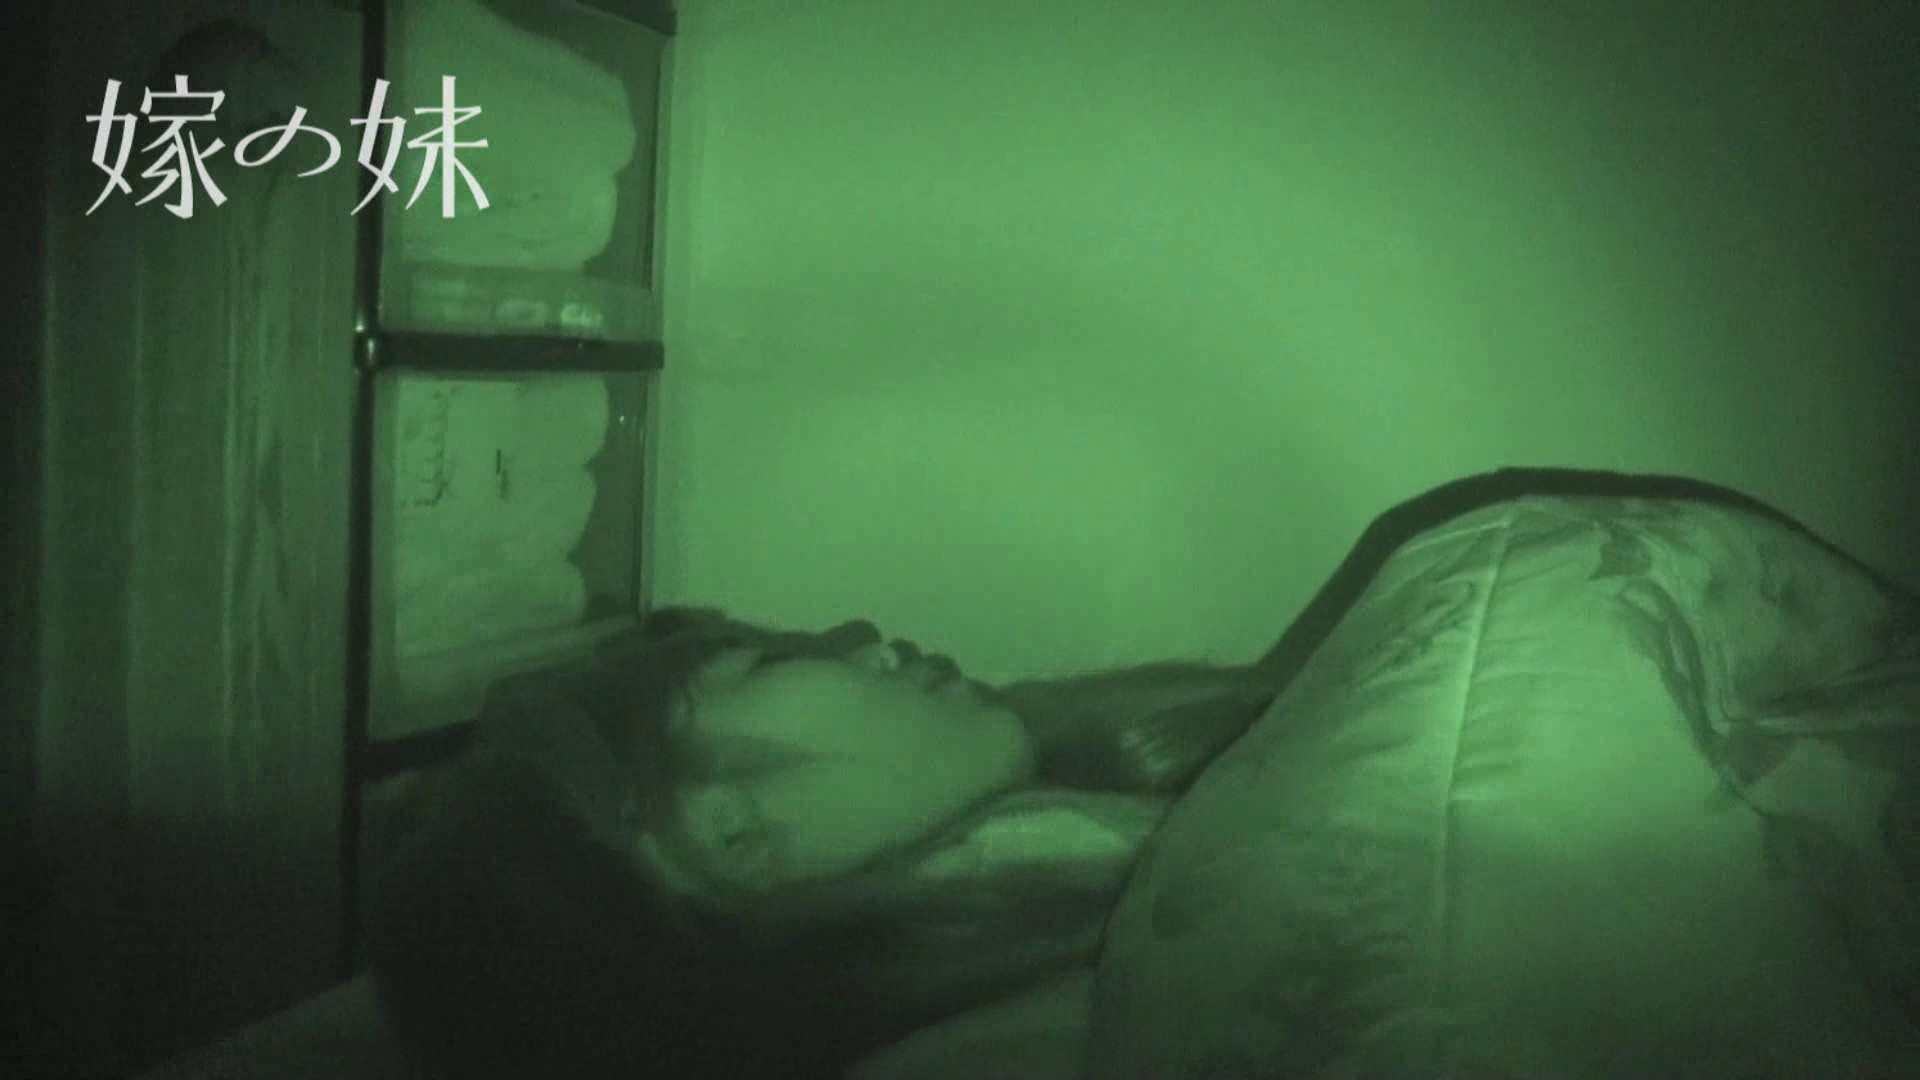 居候中の嫁の妹 vol.3 美しいOLの裸体 | 性欲  79pic 1